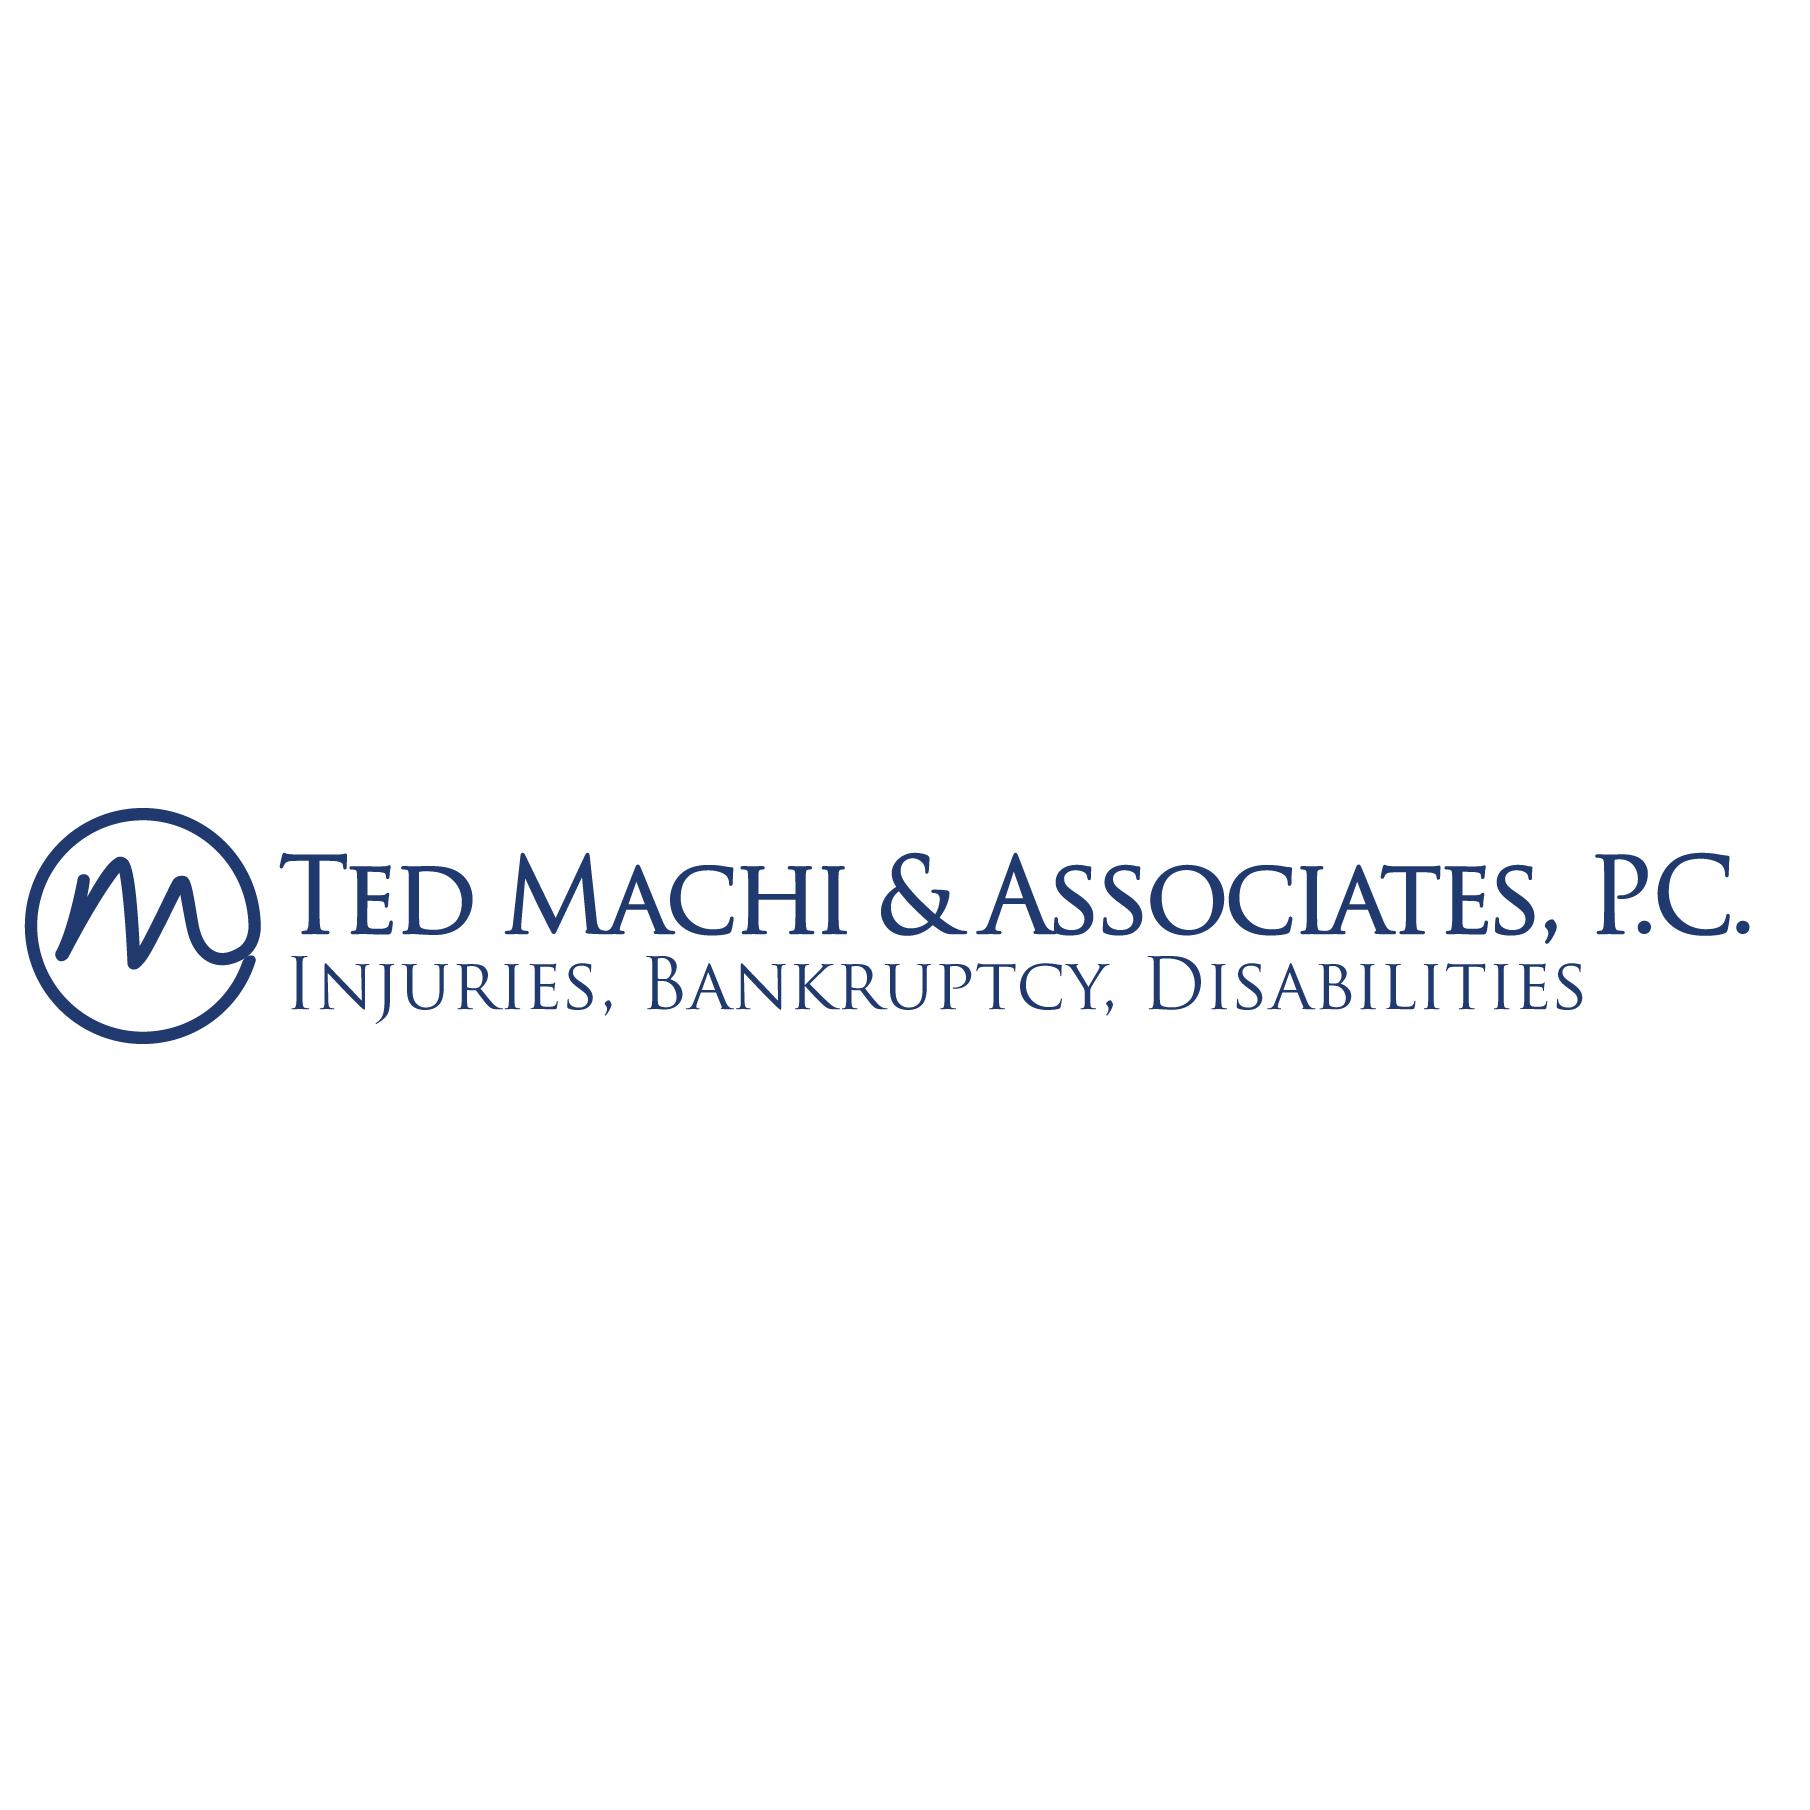 Ted Machi & Associates, P.C. image 2